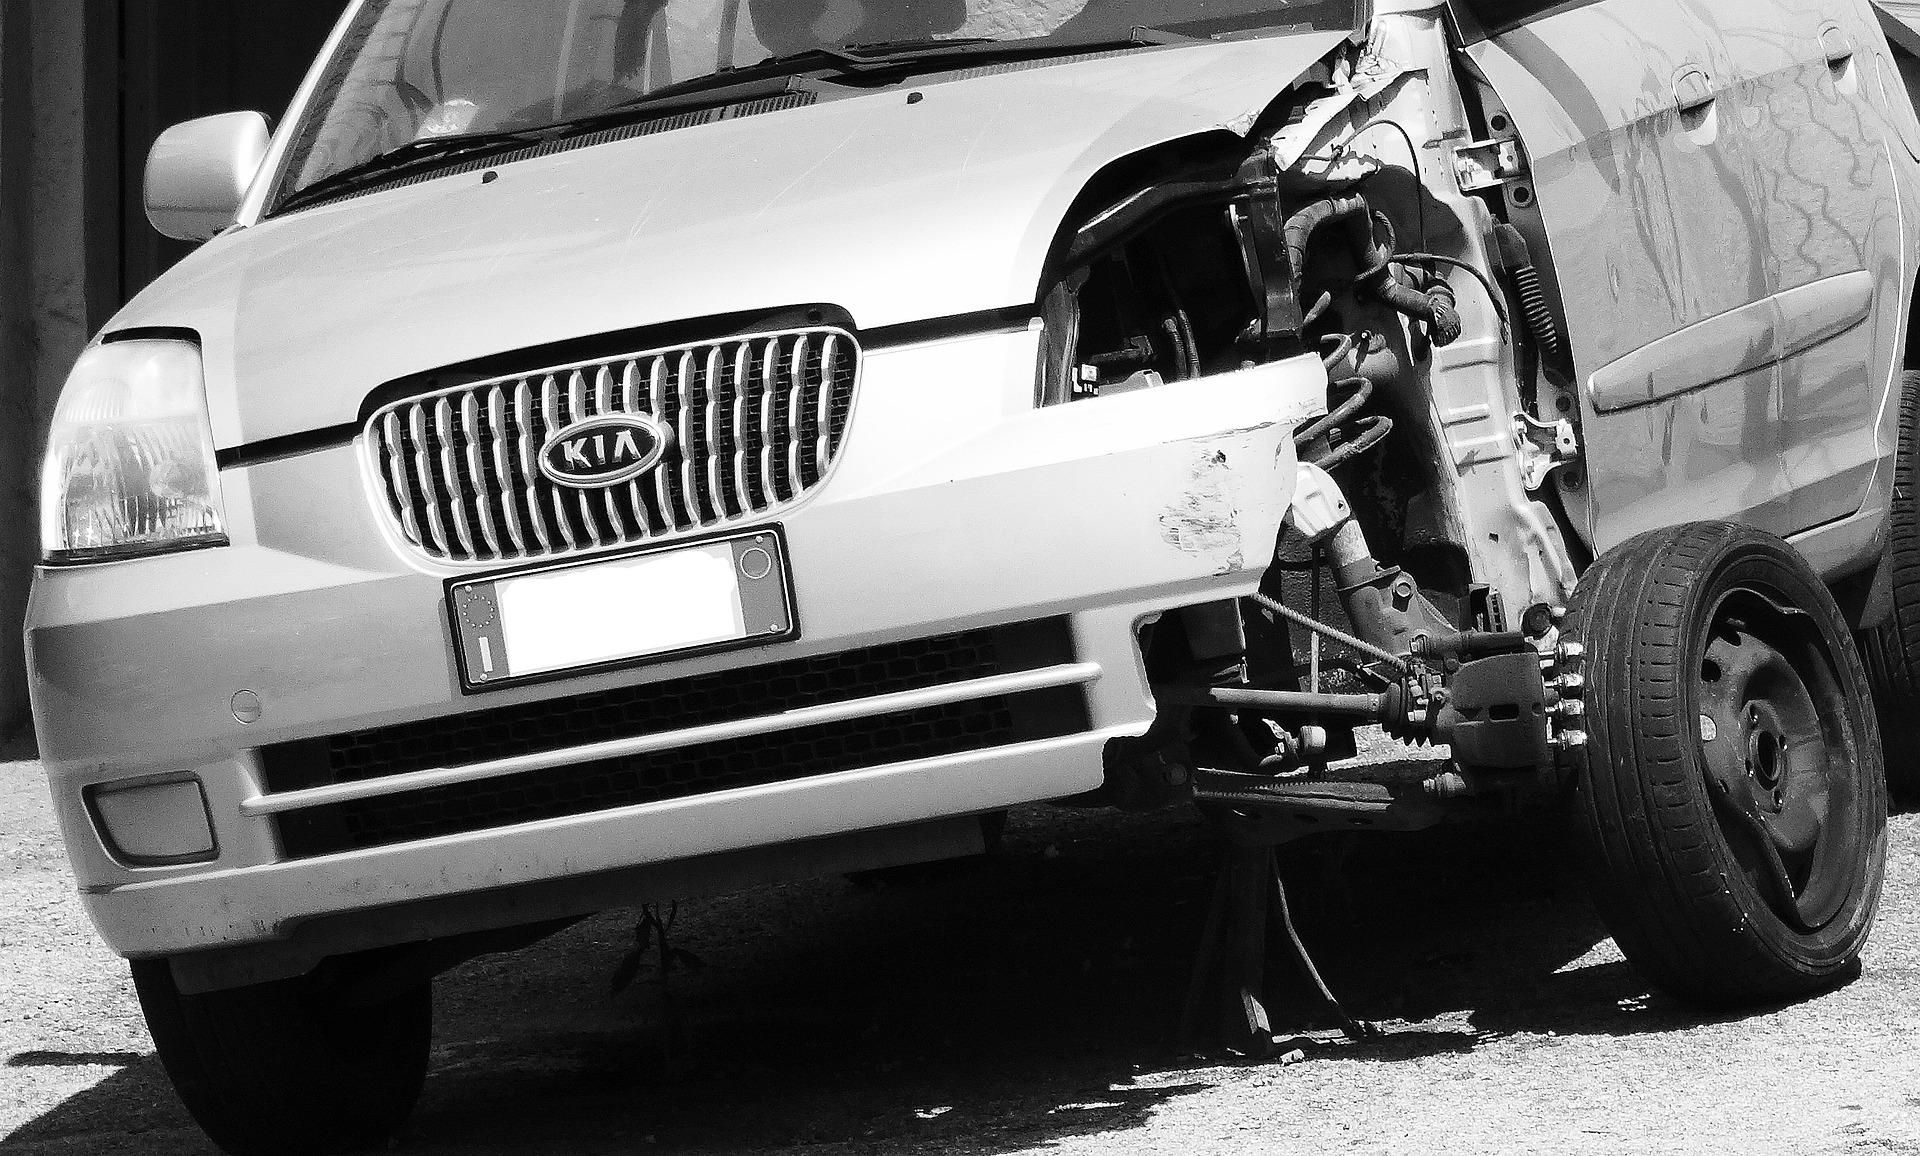 ČSOB havarijní pojištění – recenze, zkušenosti